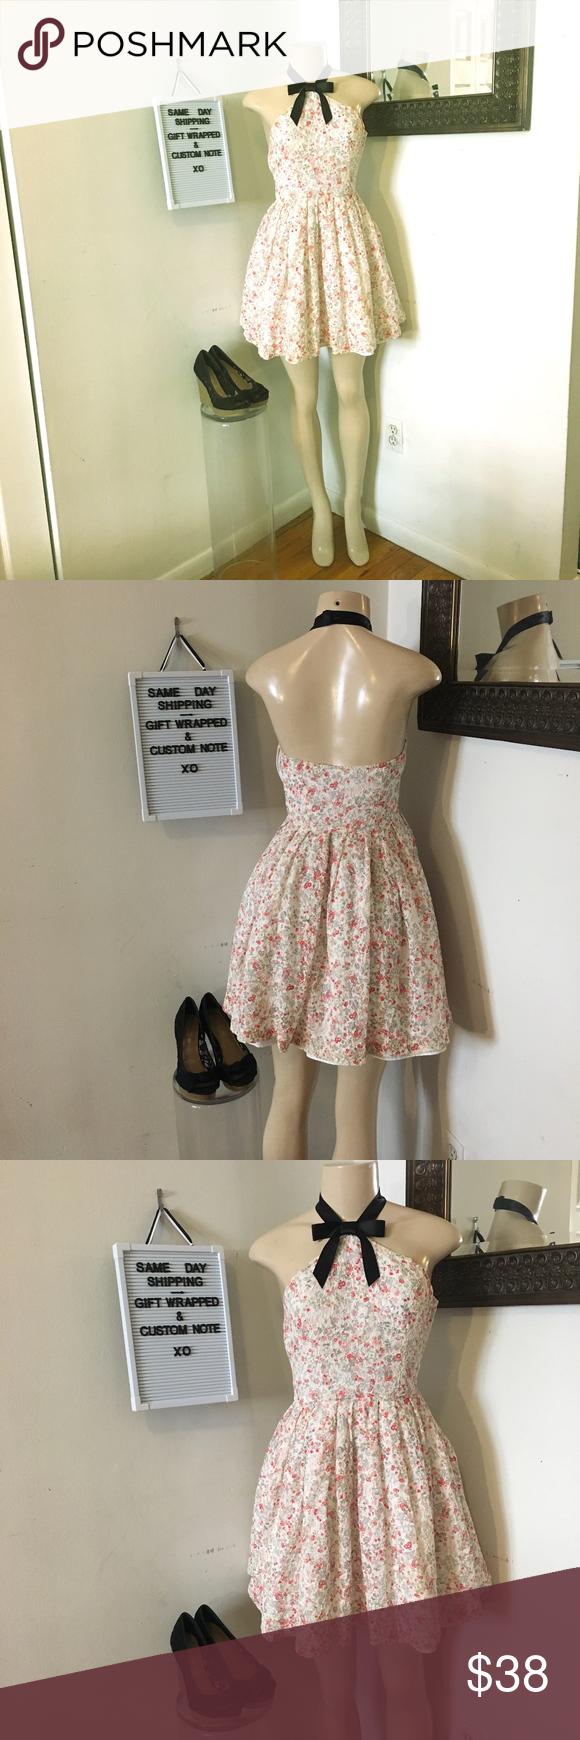 Rodarte For Target Floral Lace Party Dress Size 1 Lace Party Dresses Target Dresses Party Dress [ 1740 x 580 Pixel ]